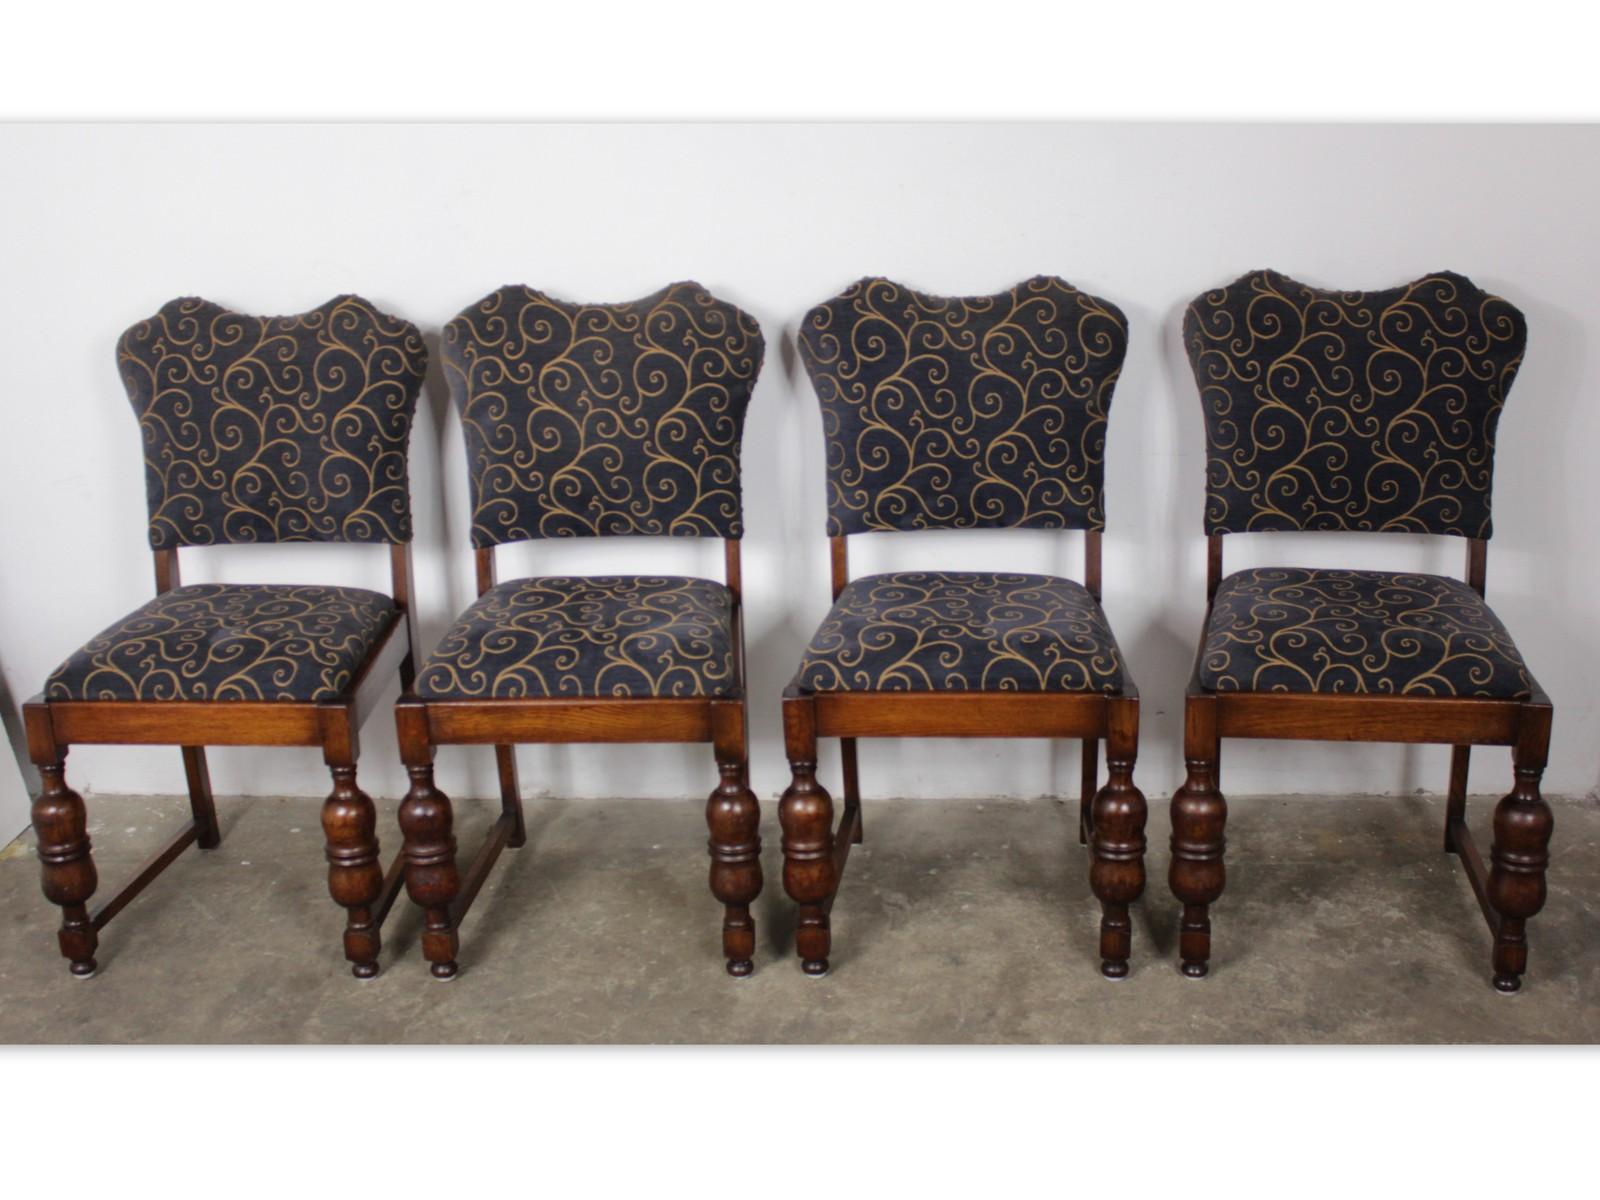 1165 Stylowy Komplet Krzeseł 4 Sztuki Toczone Nogi